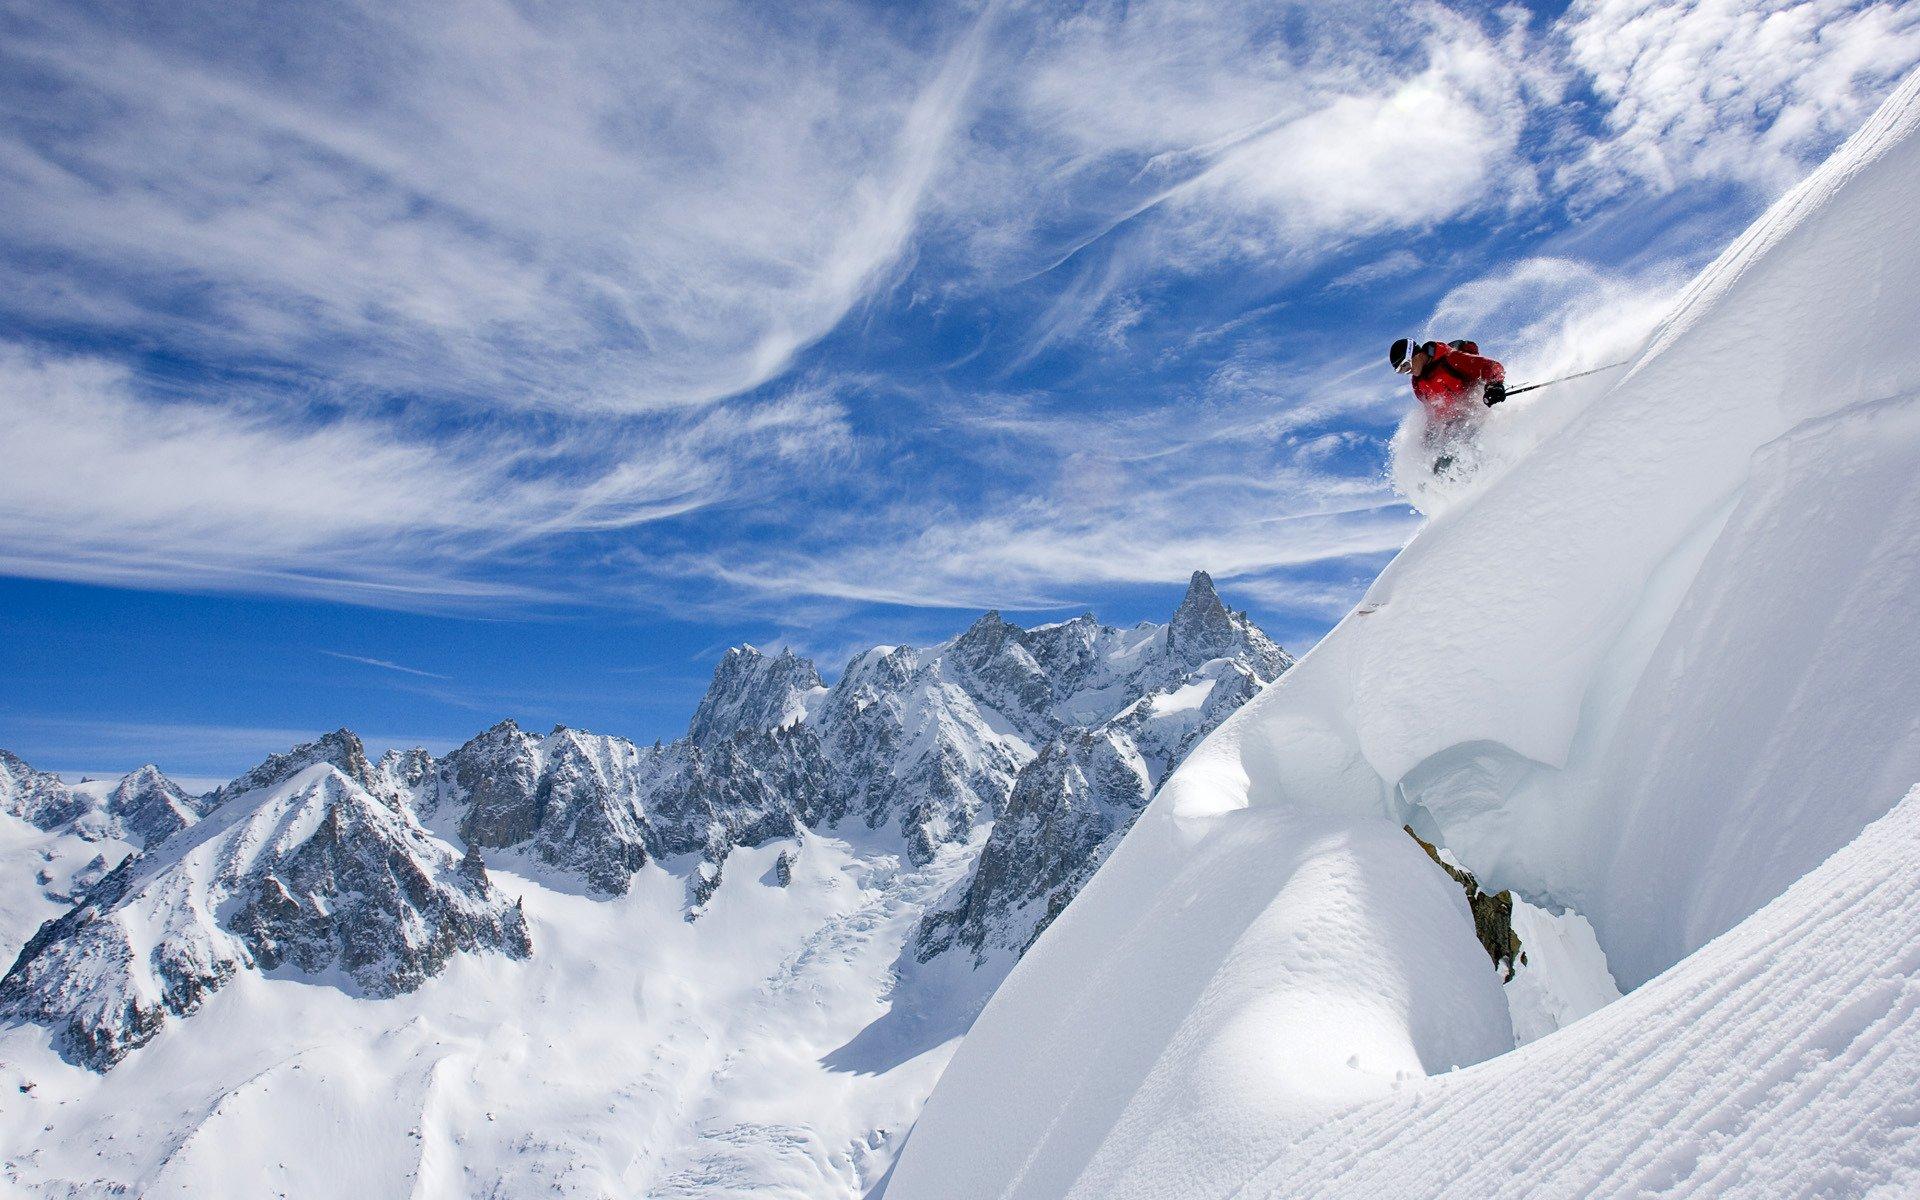 открытка восхождение в гору вам довелось